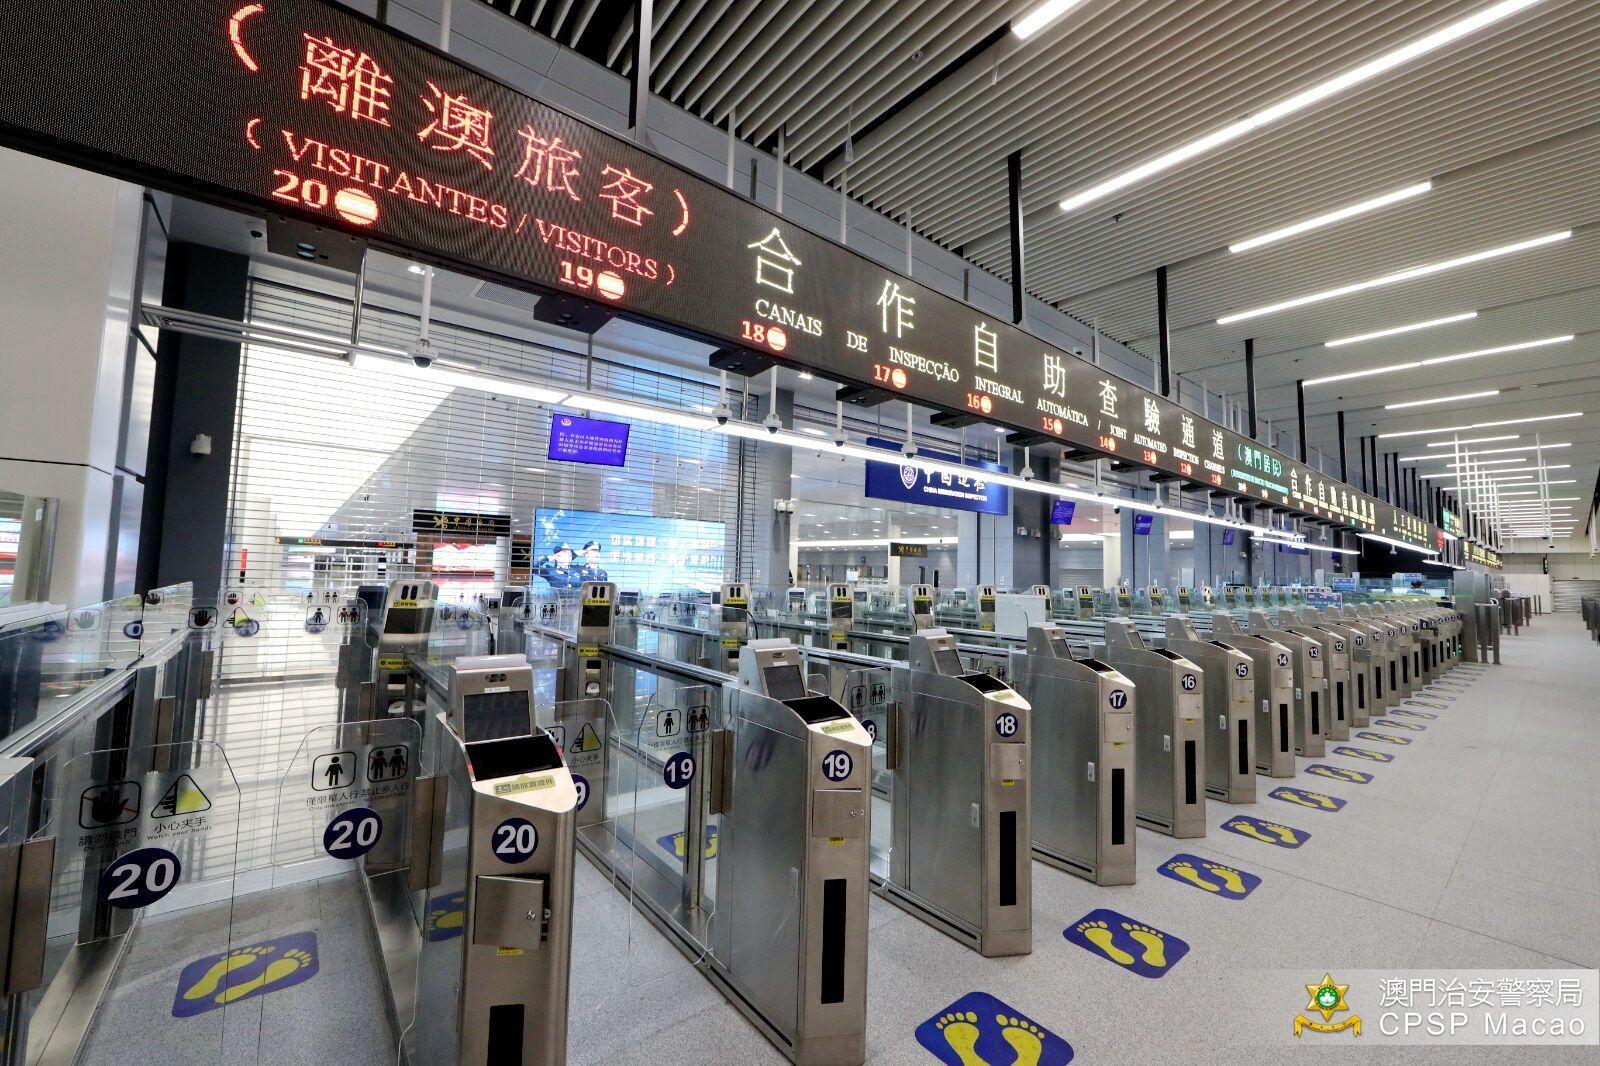 出境方為入境方進行旅客衛生檢疫